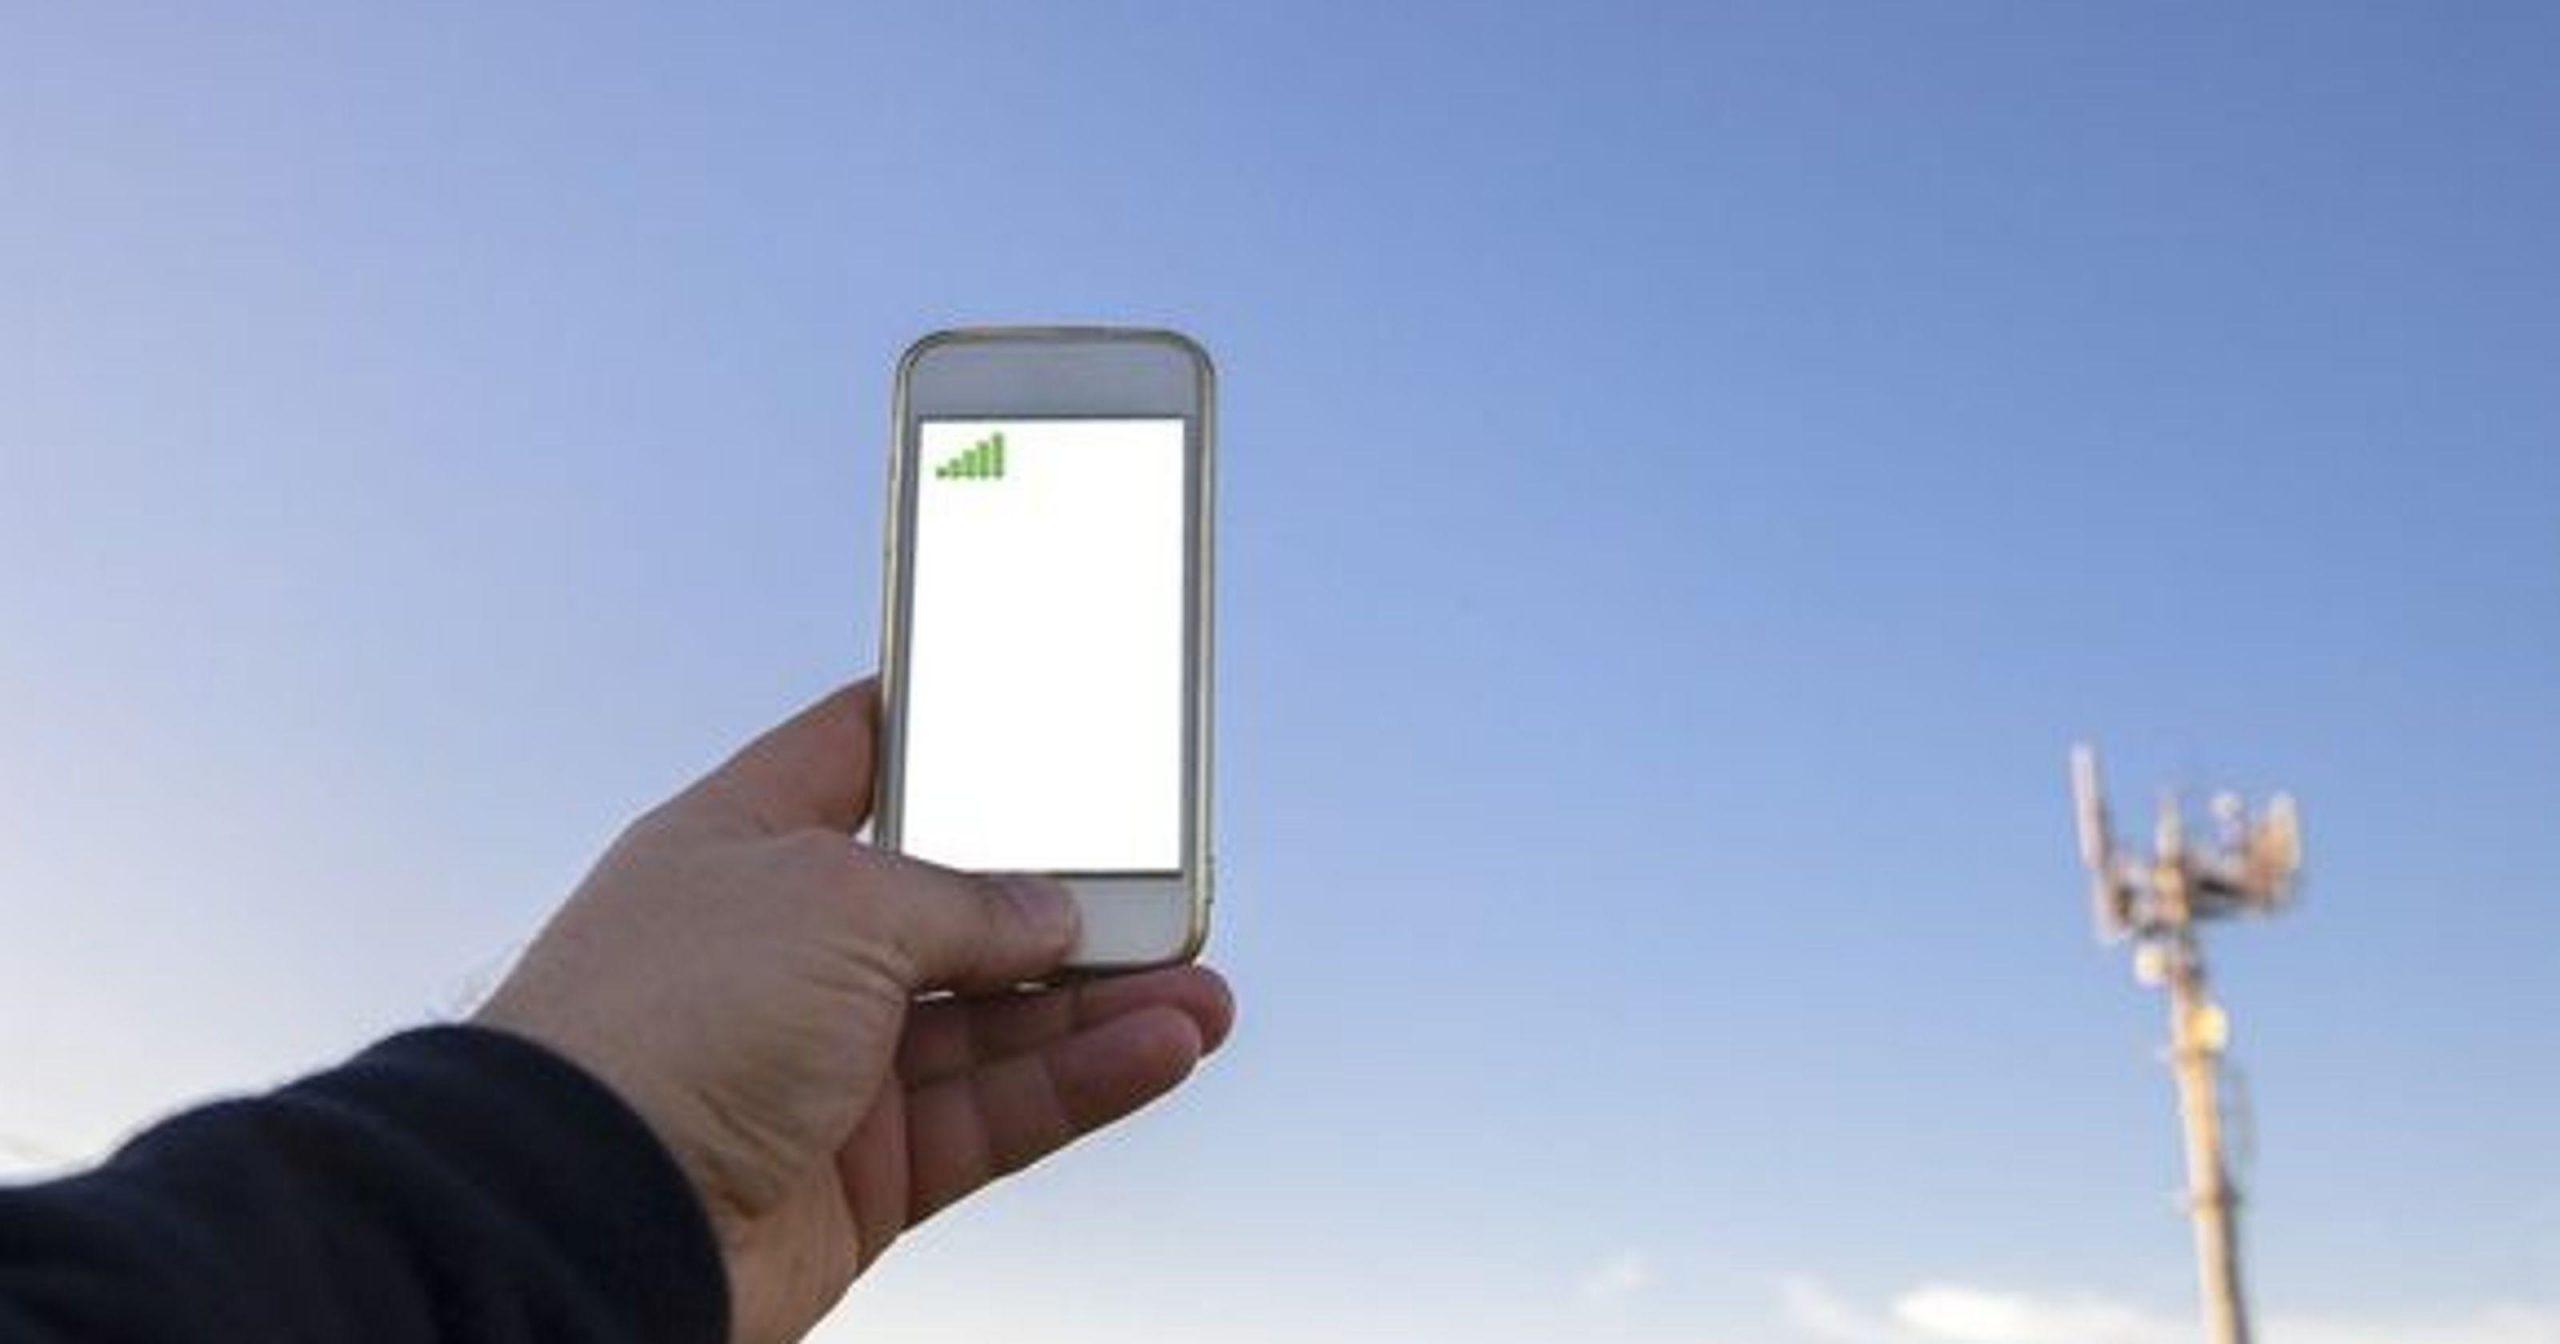 Lý do điện thoại di động tín hiệu kém